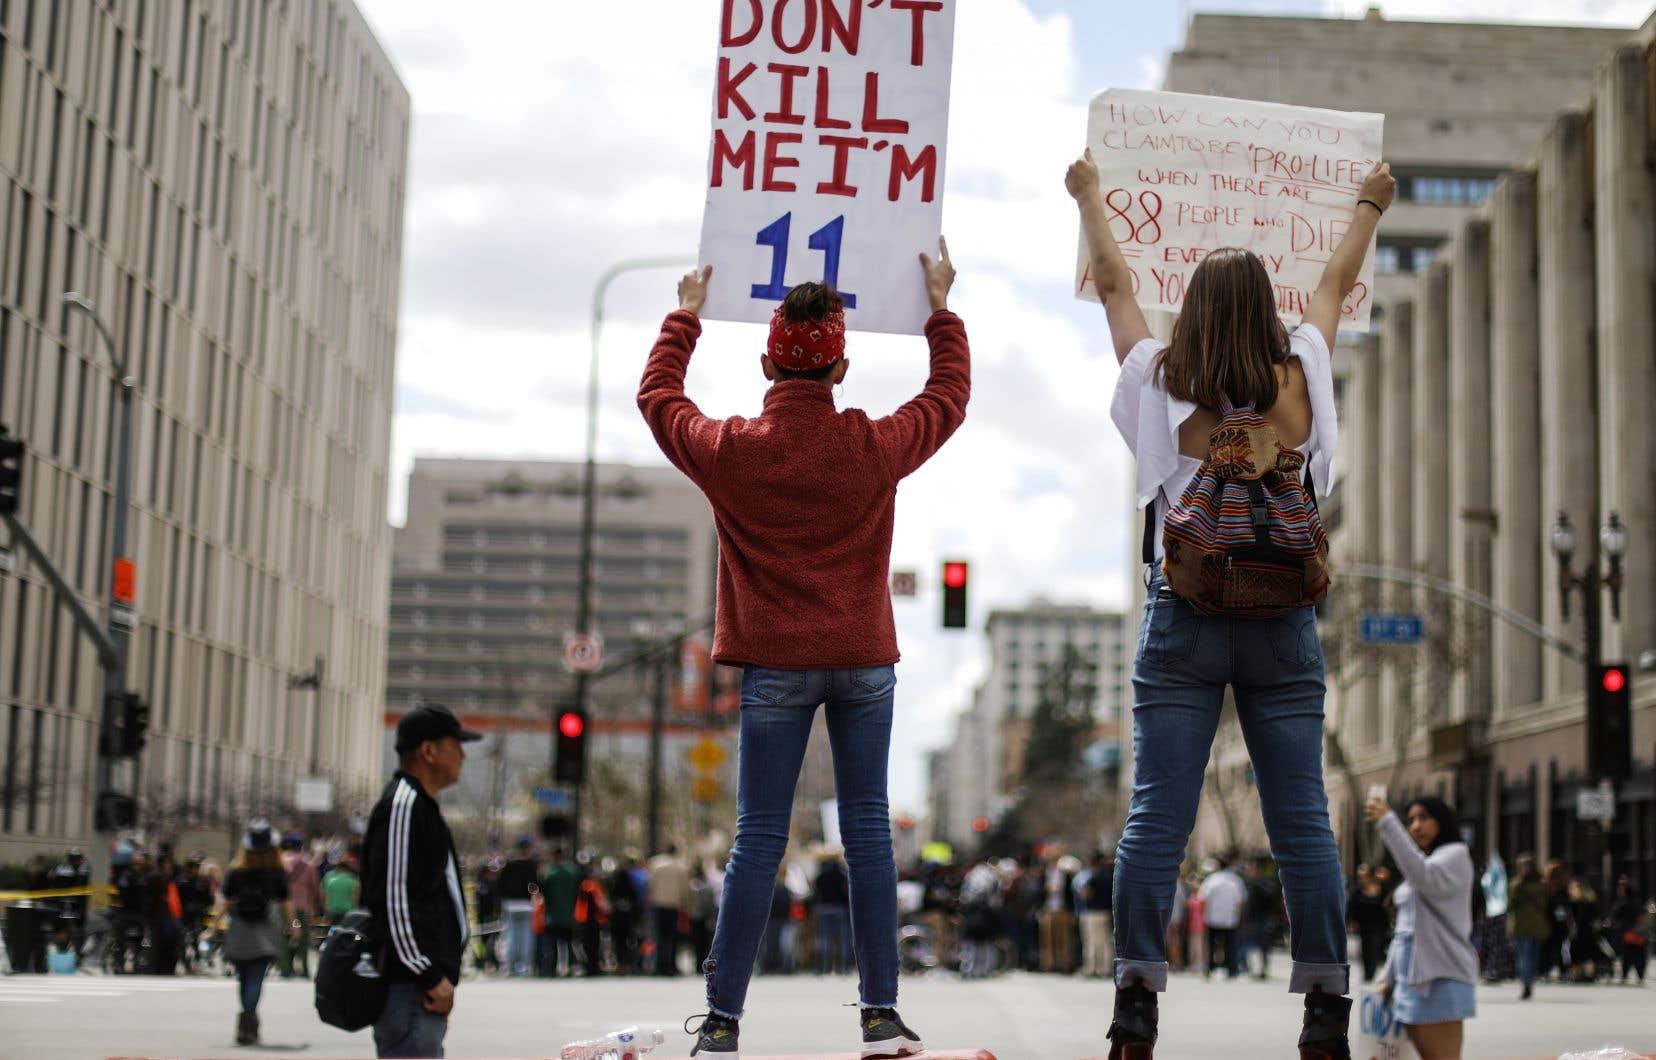 Les élèves de Parkland sont à l'origine d'une mobilisation pour exiger une régulation plus stricte des armes à feu qui avait conduit plus d'un million de personnes à défiler dans les rues fin mars.